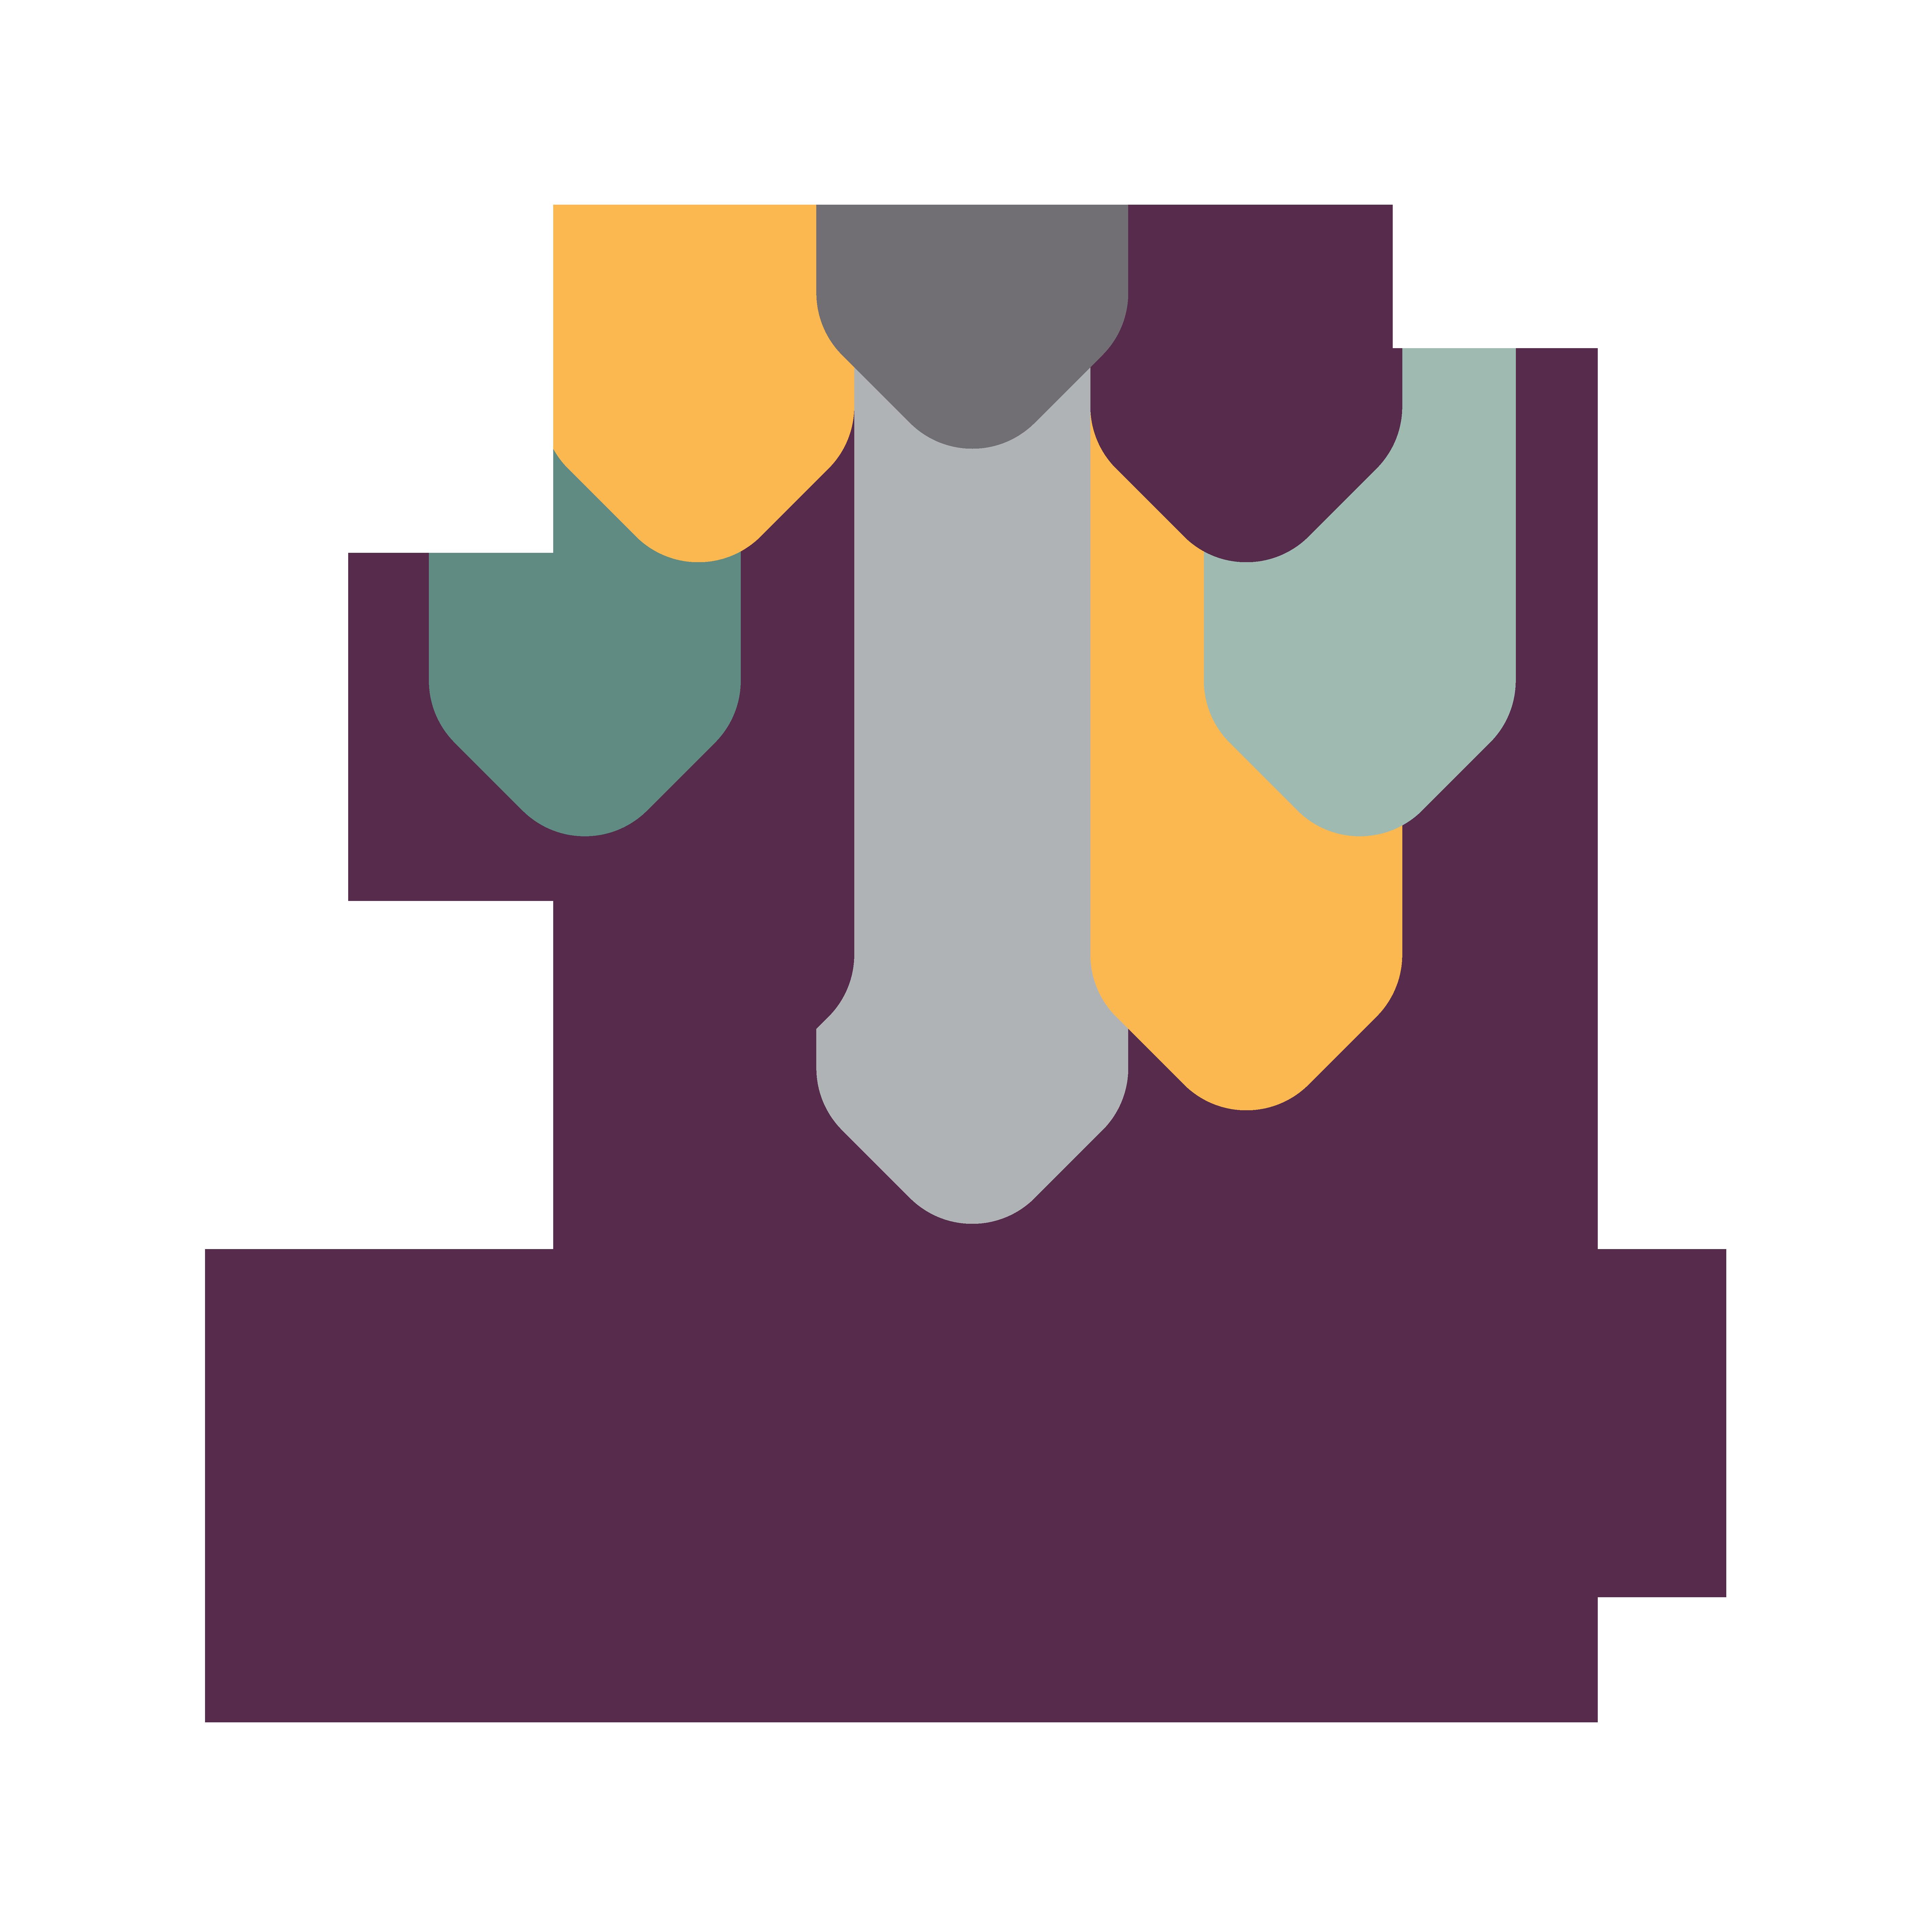 עיצוב לוגו לדולה